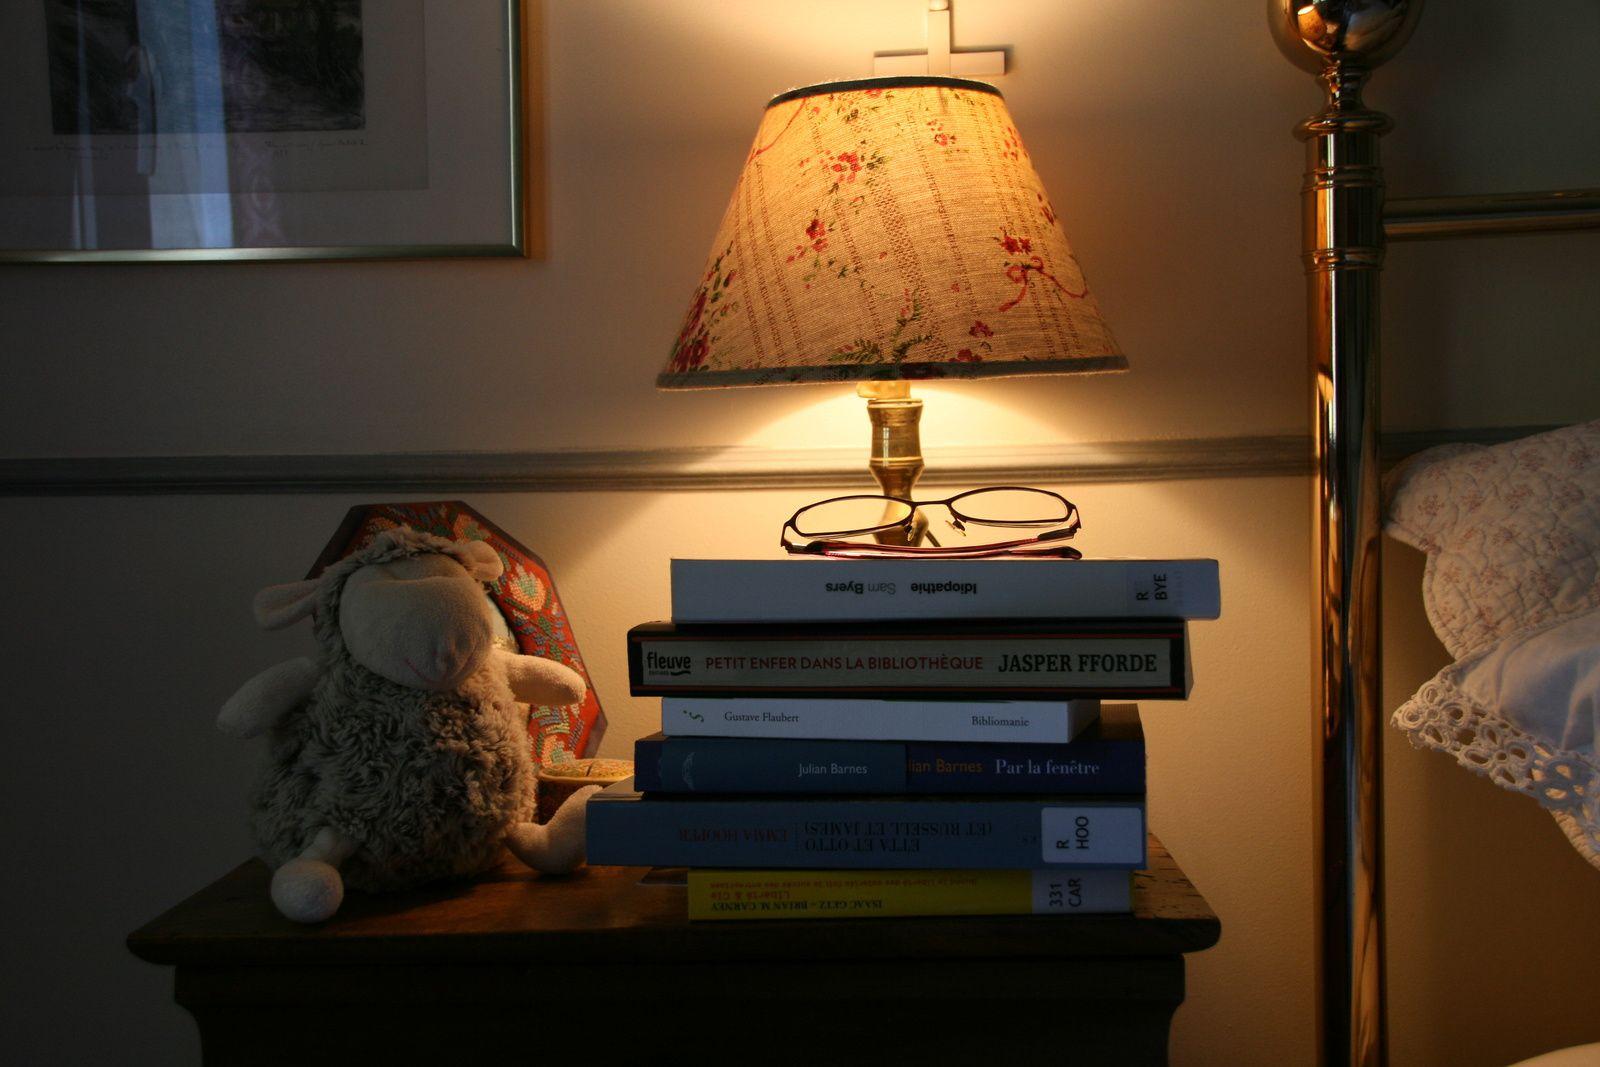 La table de nuit de la bibliothécaire